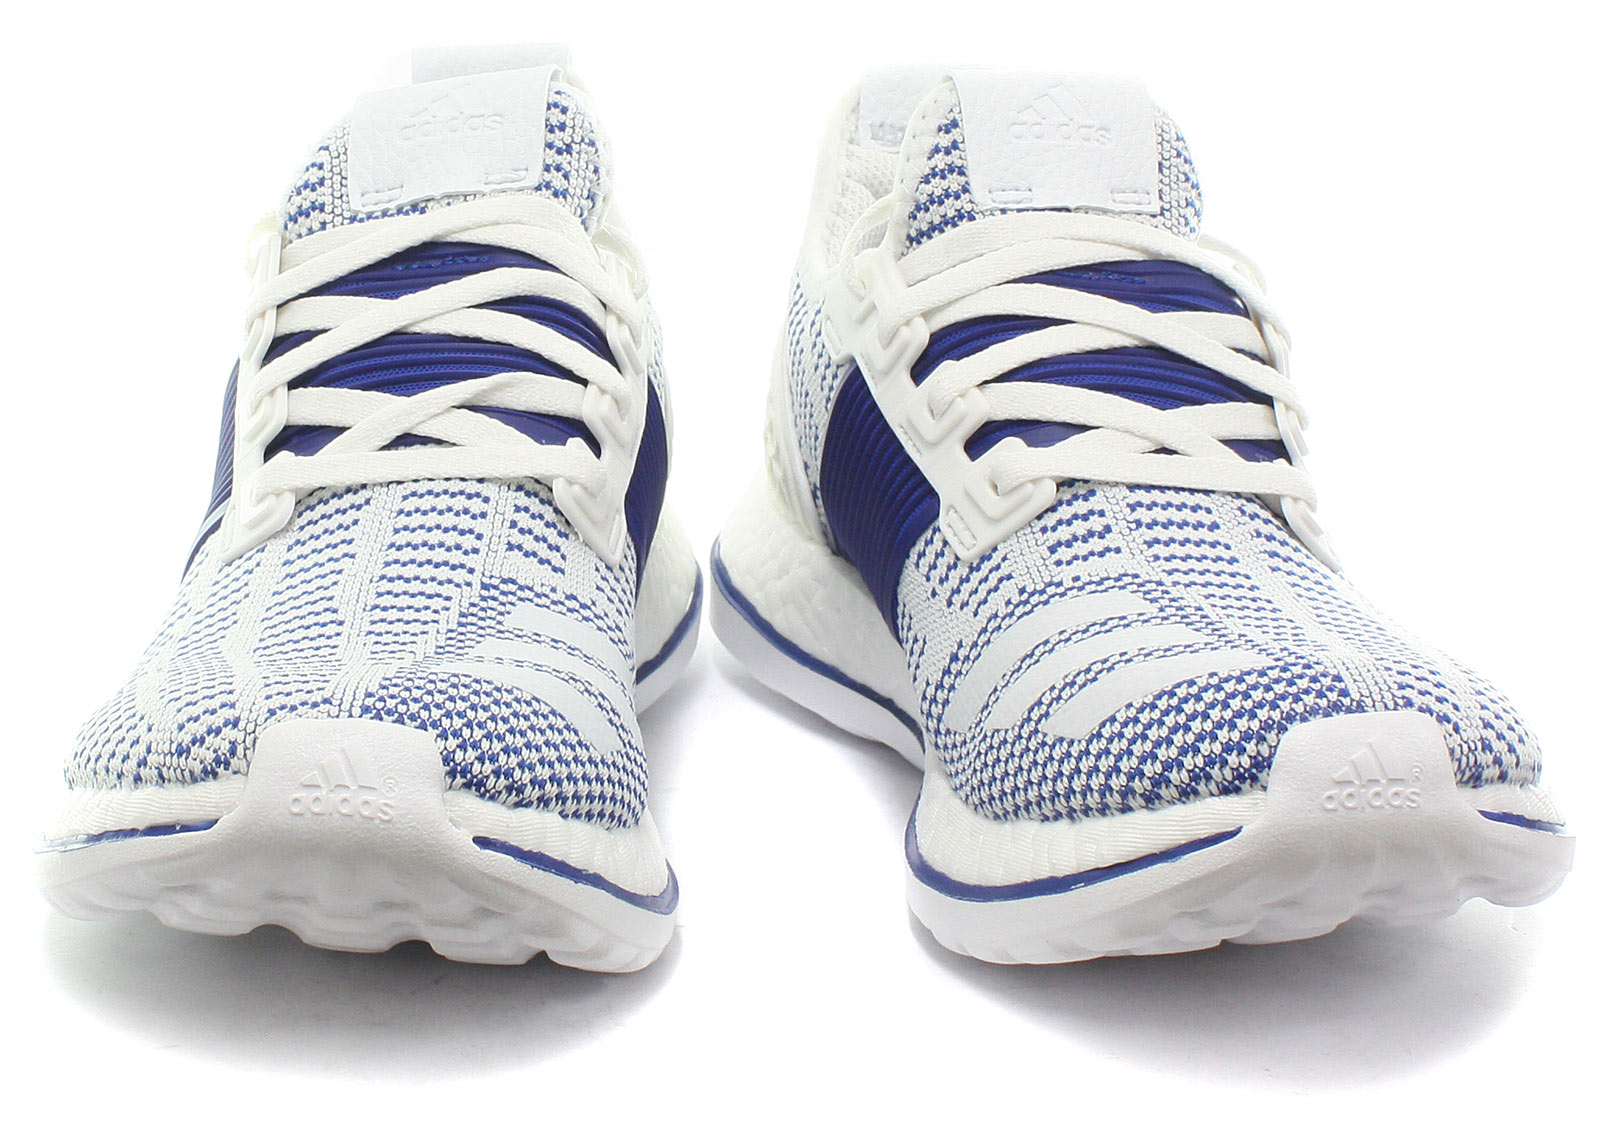 Todas Running Pureboost Zapatillas Adidas Ltd Para Hombre Zg En Las Tallas w8dnqH1I